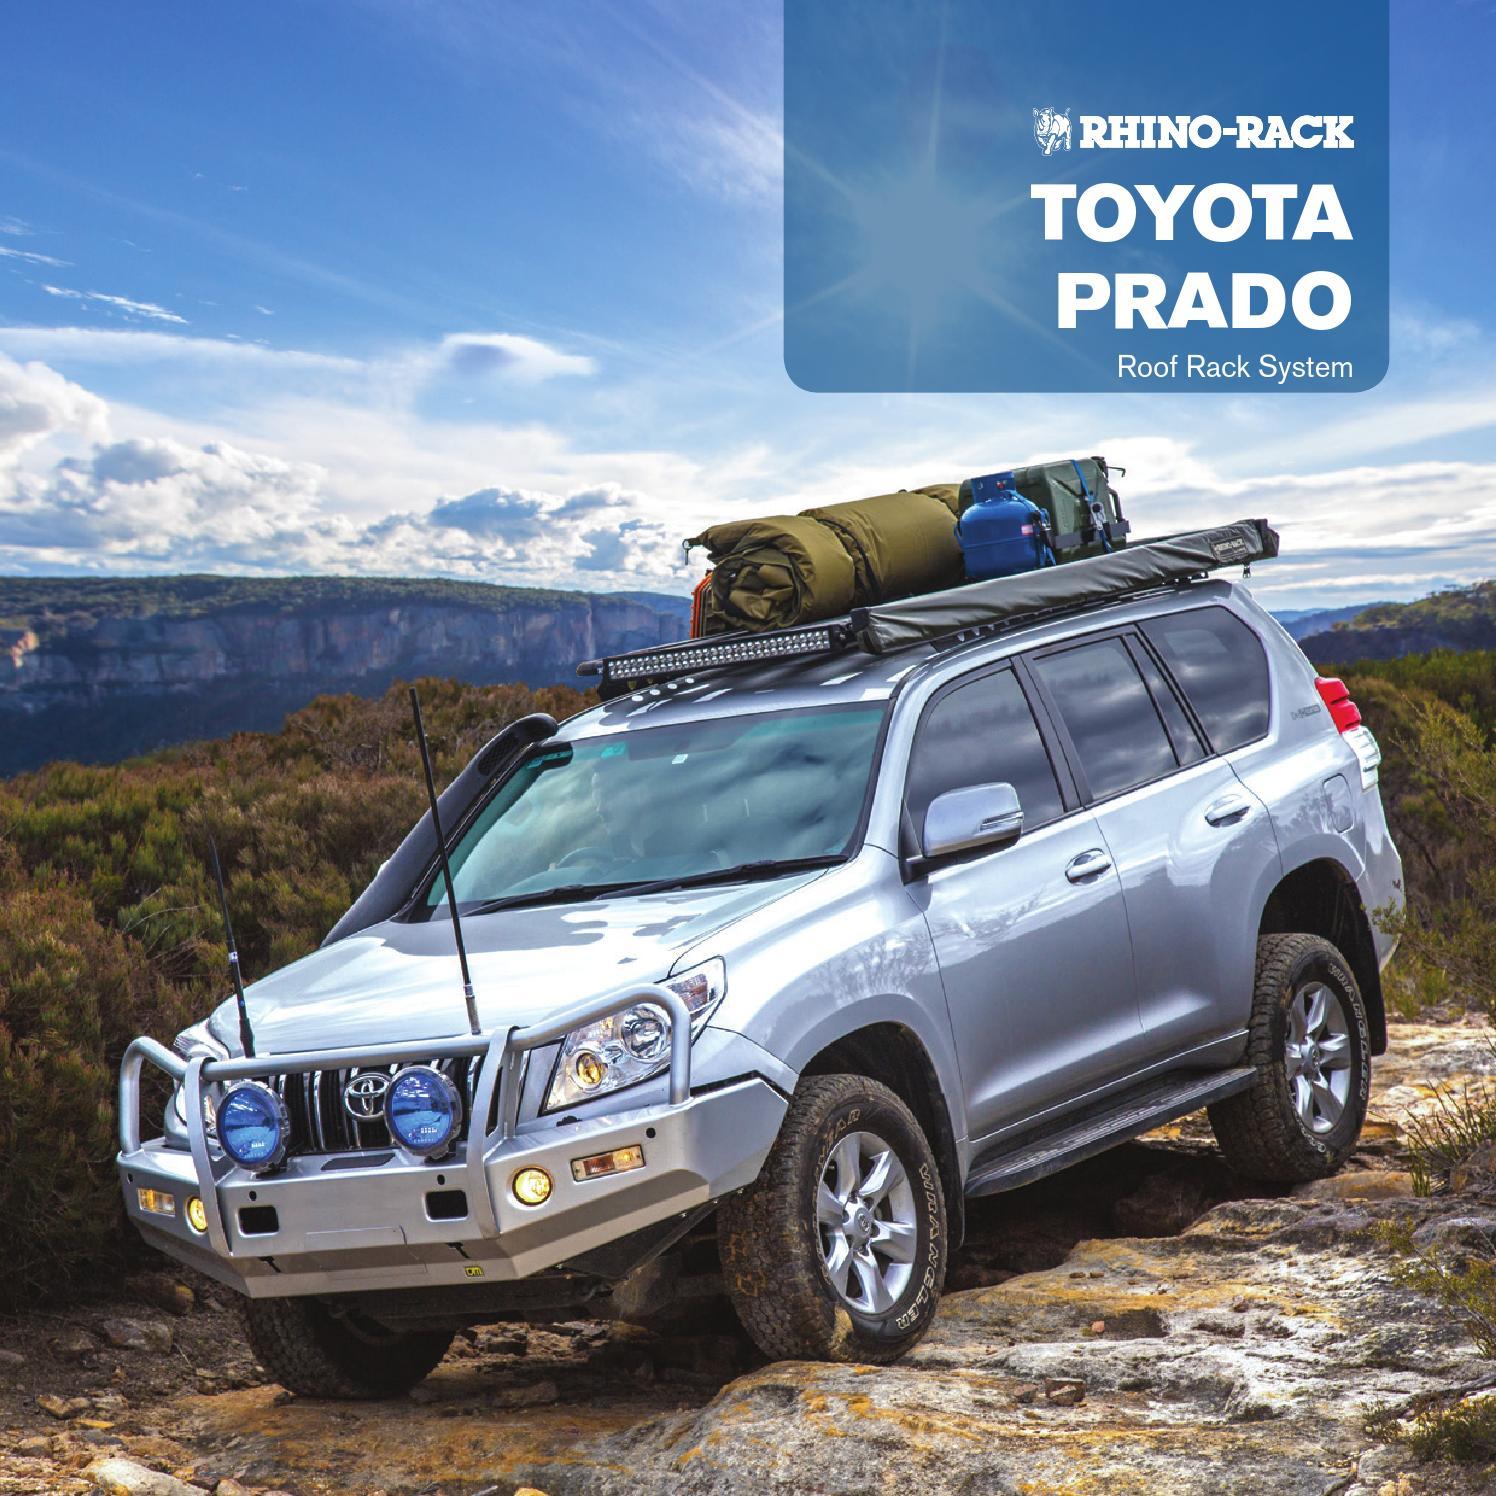 Rhino Rack Toyota Prado Brochure 2015 By Rhino Rack Issuu